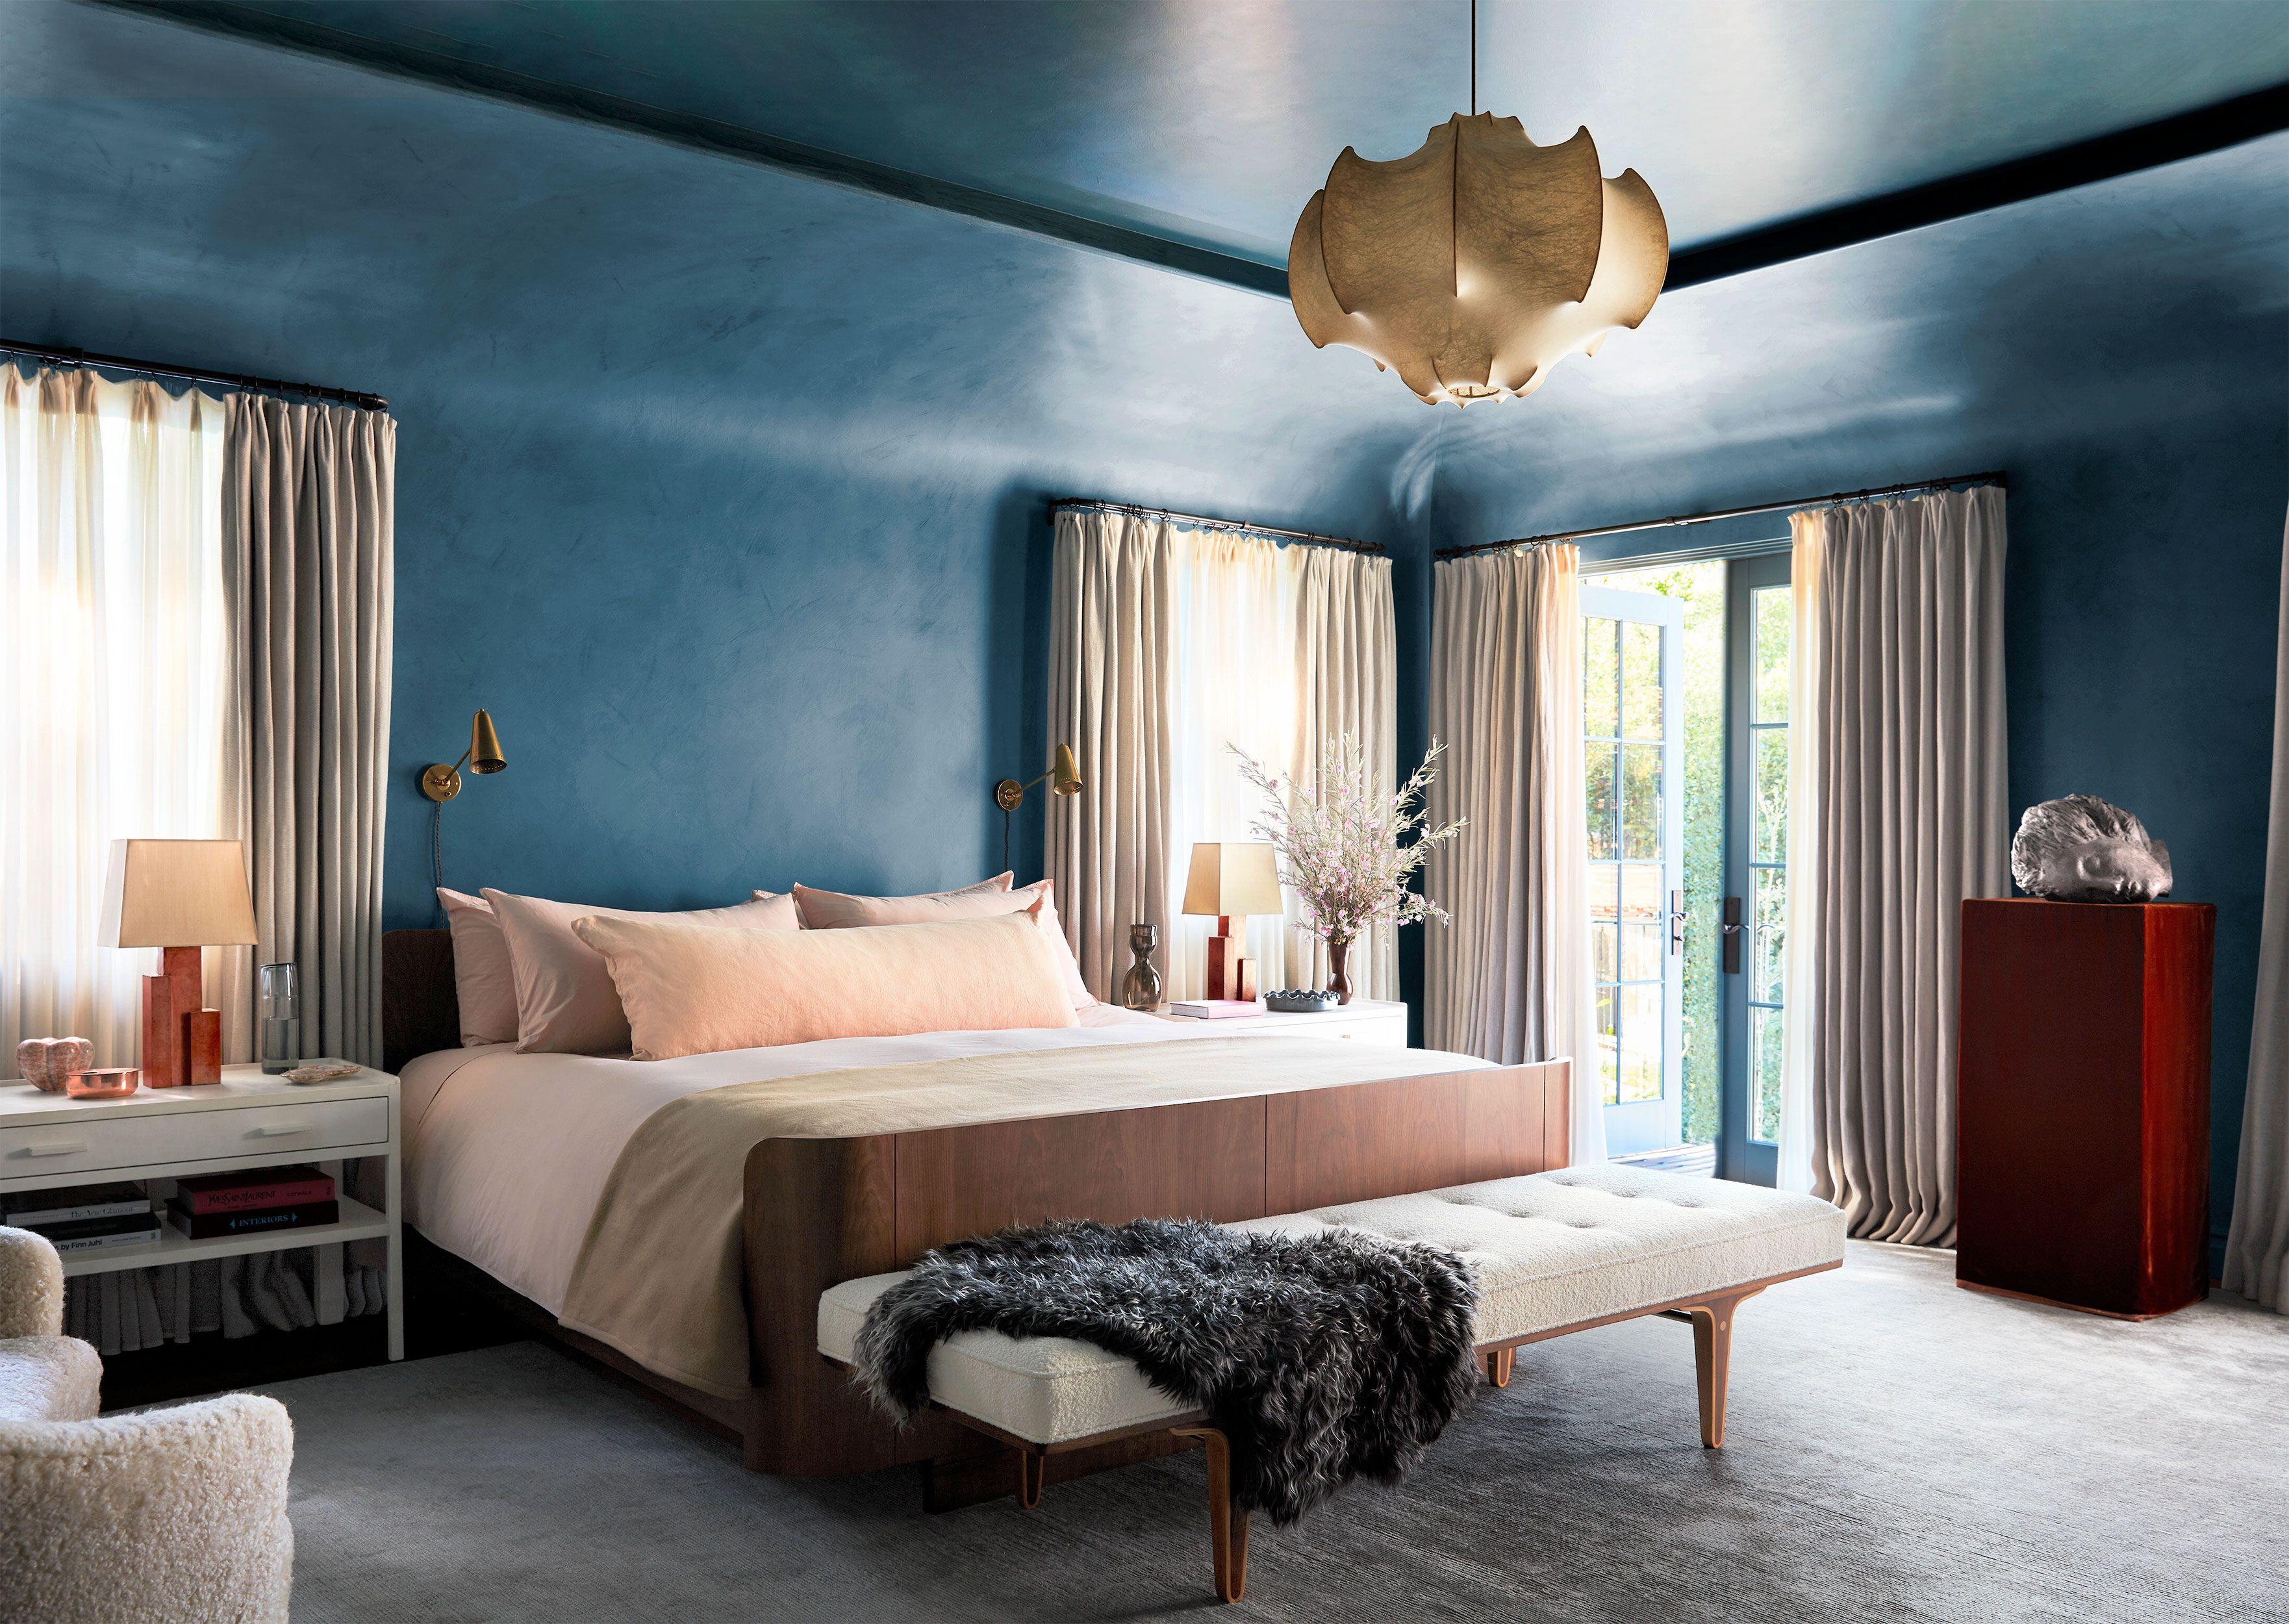 20 Bedroom Design Trends   What We're Seeing in Bedrooms Now